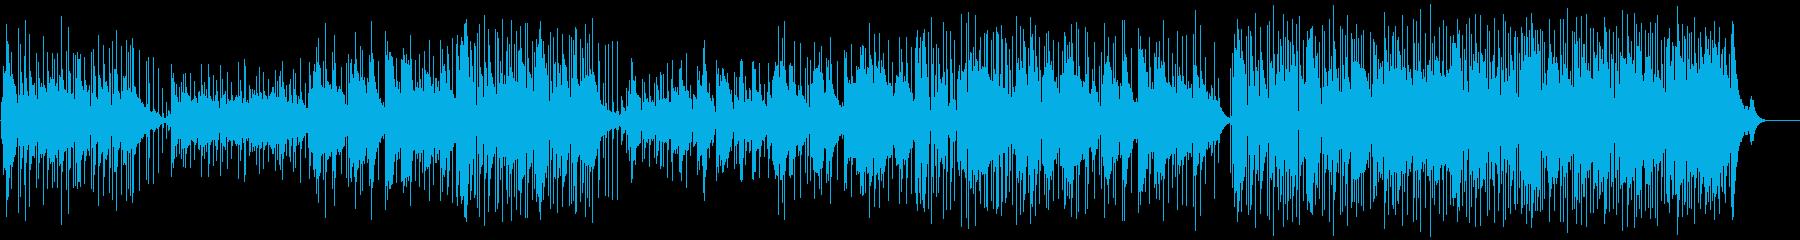 優しいメロディーのバラードの再生済みの波形